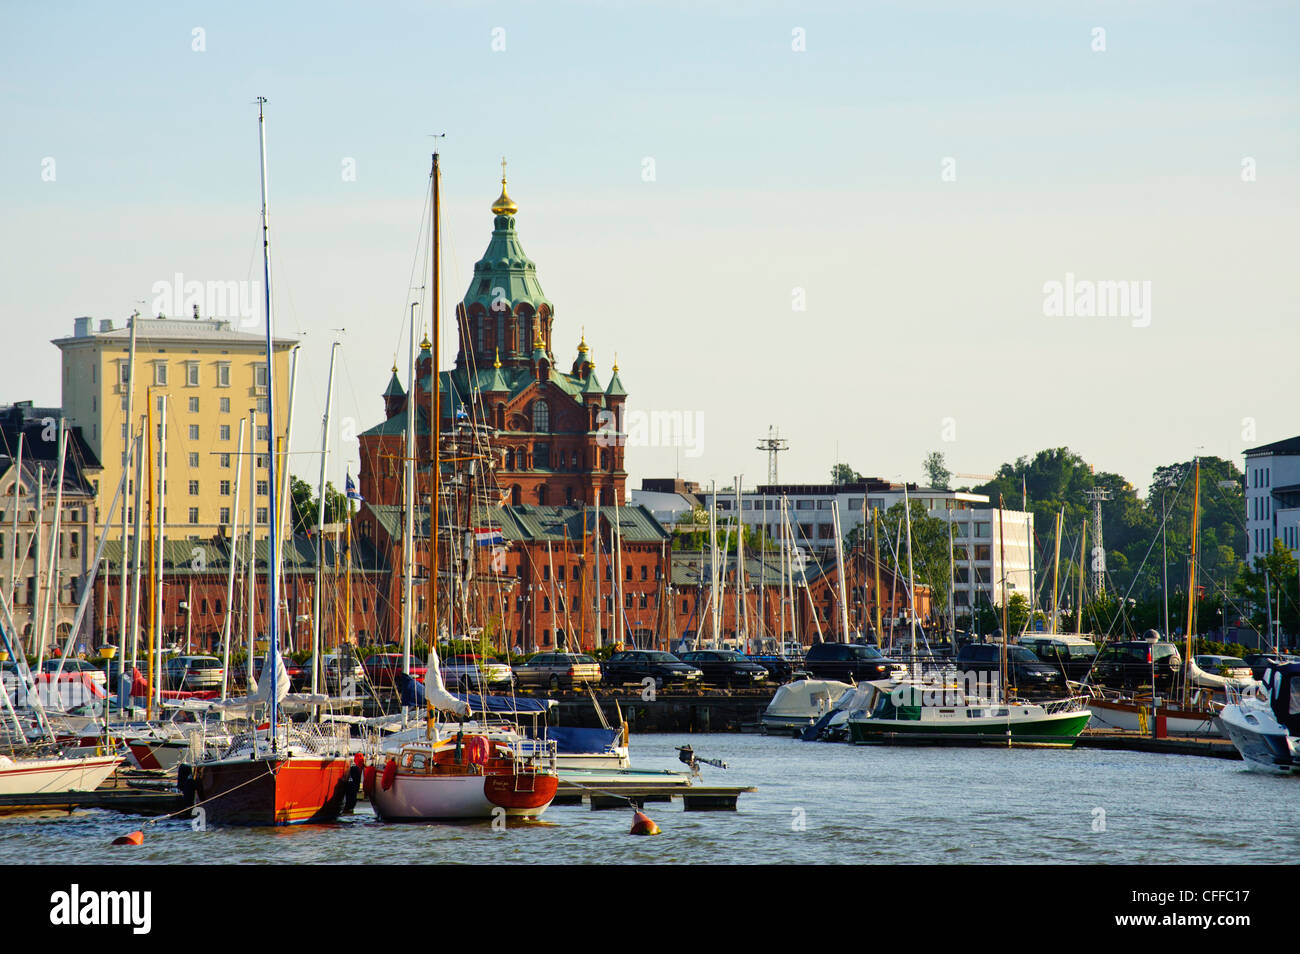 The Orthodox or Uspenski Cathedral rising above Halkolaituri harbour Helsinki Finland - Stock Image